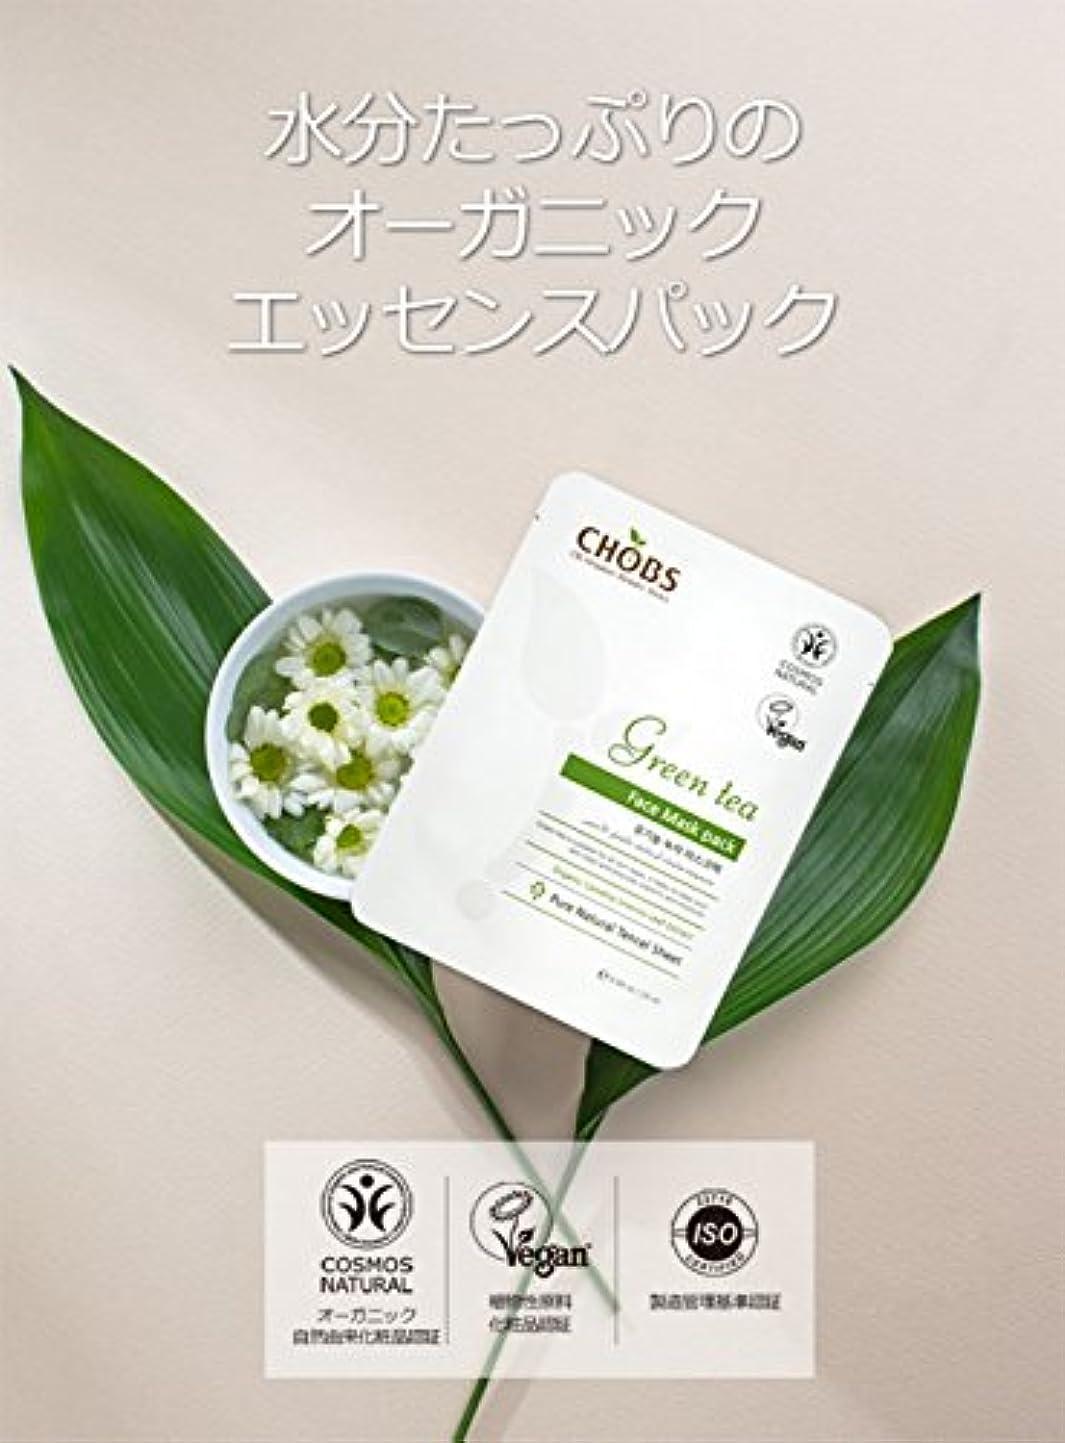 残基に頼るソロCHOBS オーガニック 天然化粧品 韓国コスメ マスクパック (緑茶) 10枚入り